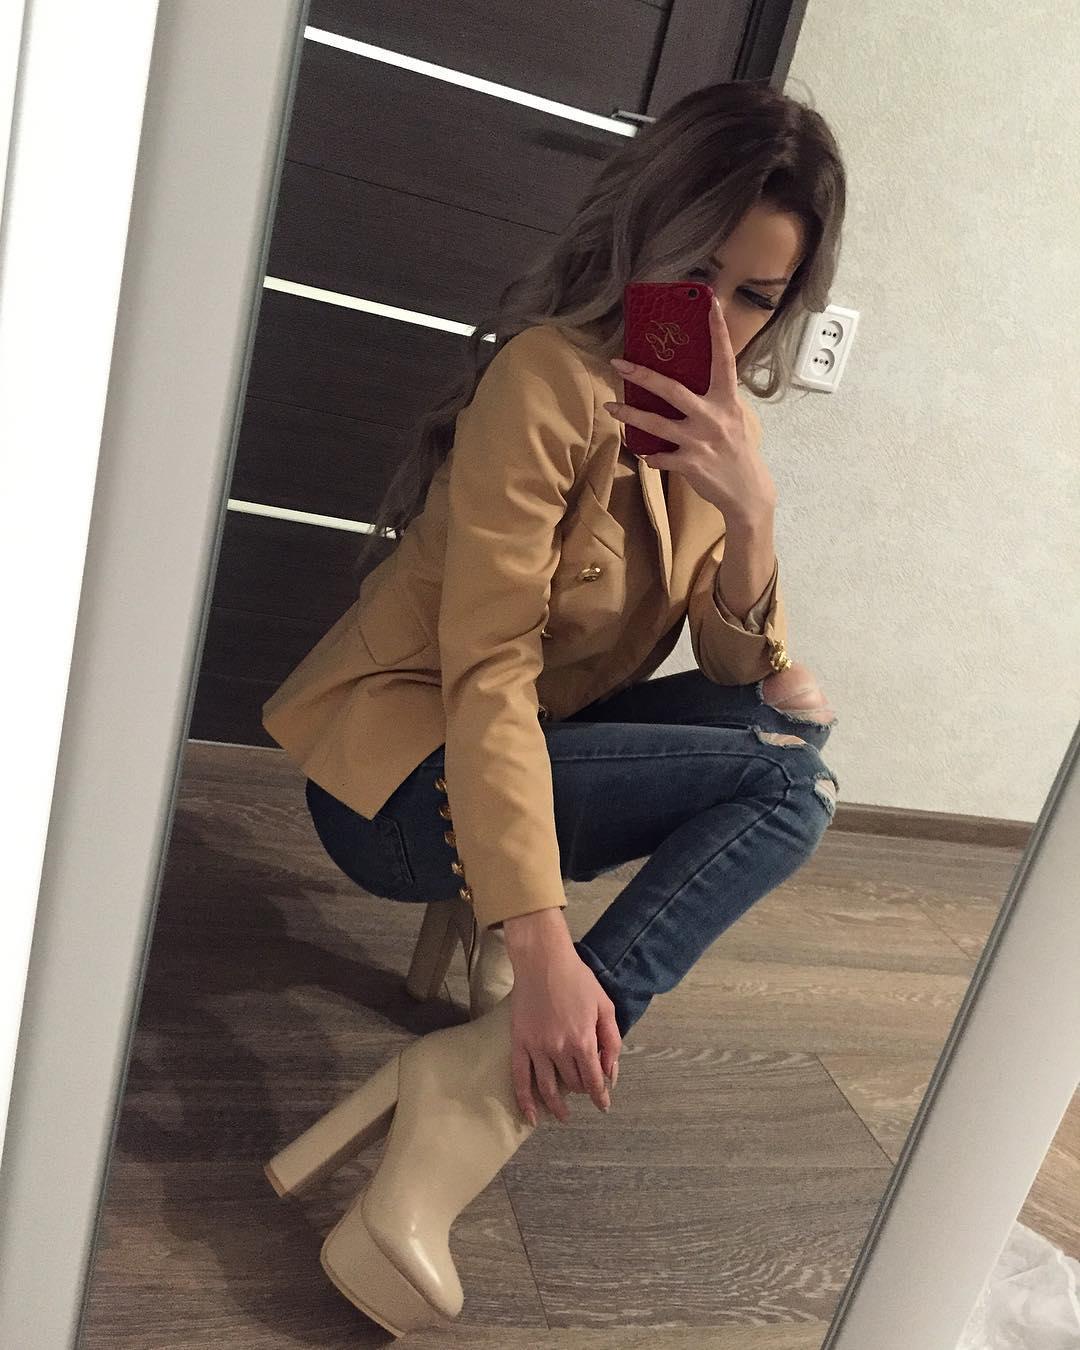 Katy-golden-Wallpapers-Insta-Fit-Bio-9